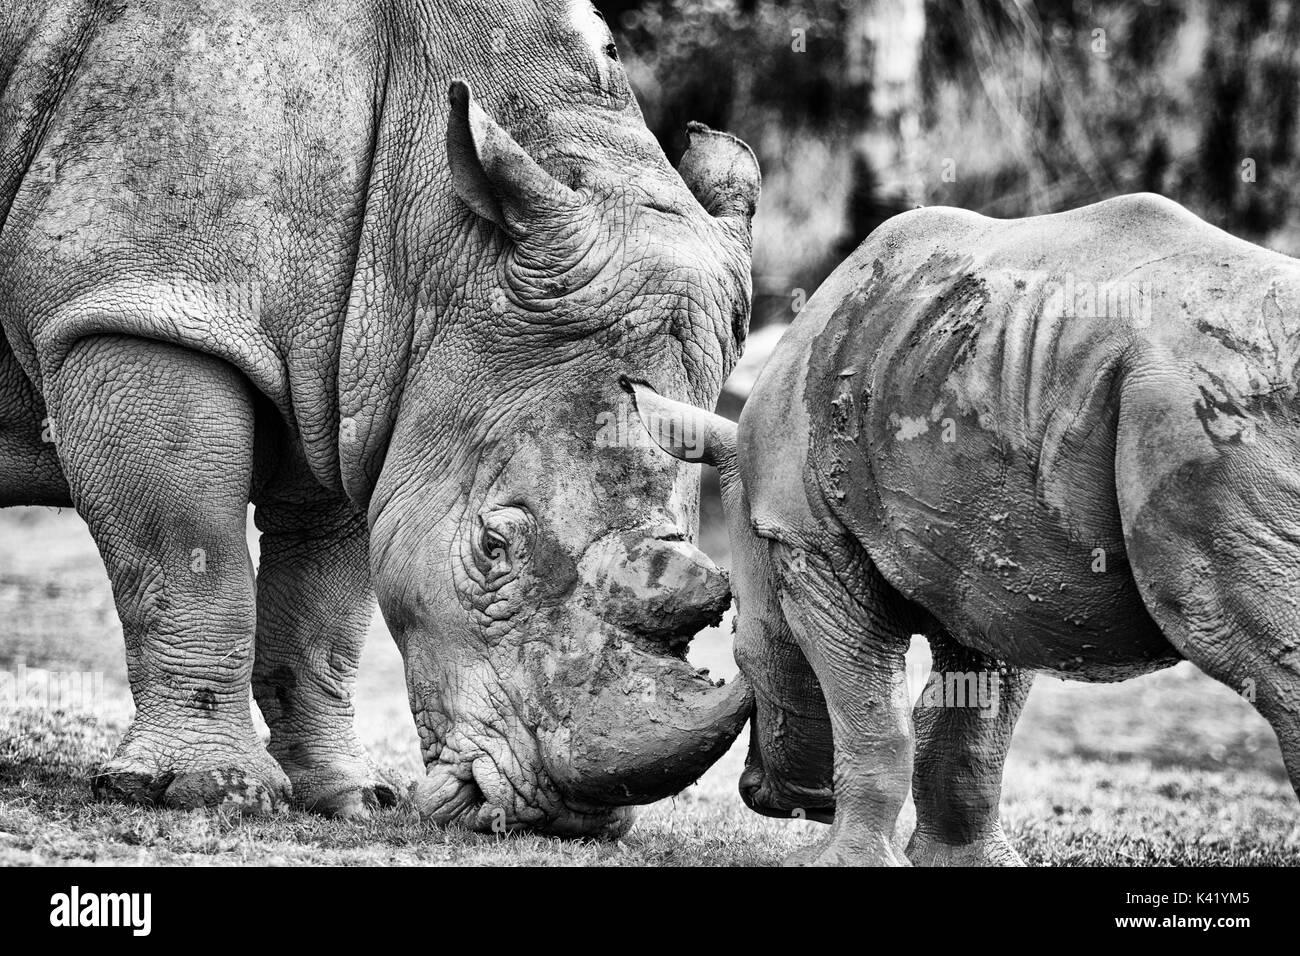 animales de zoológico Imagen De Stock